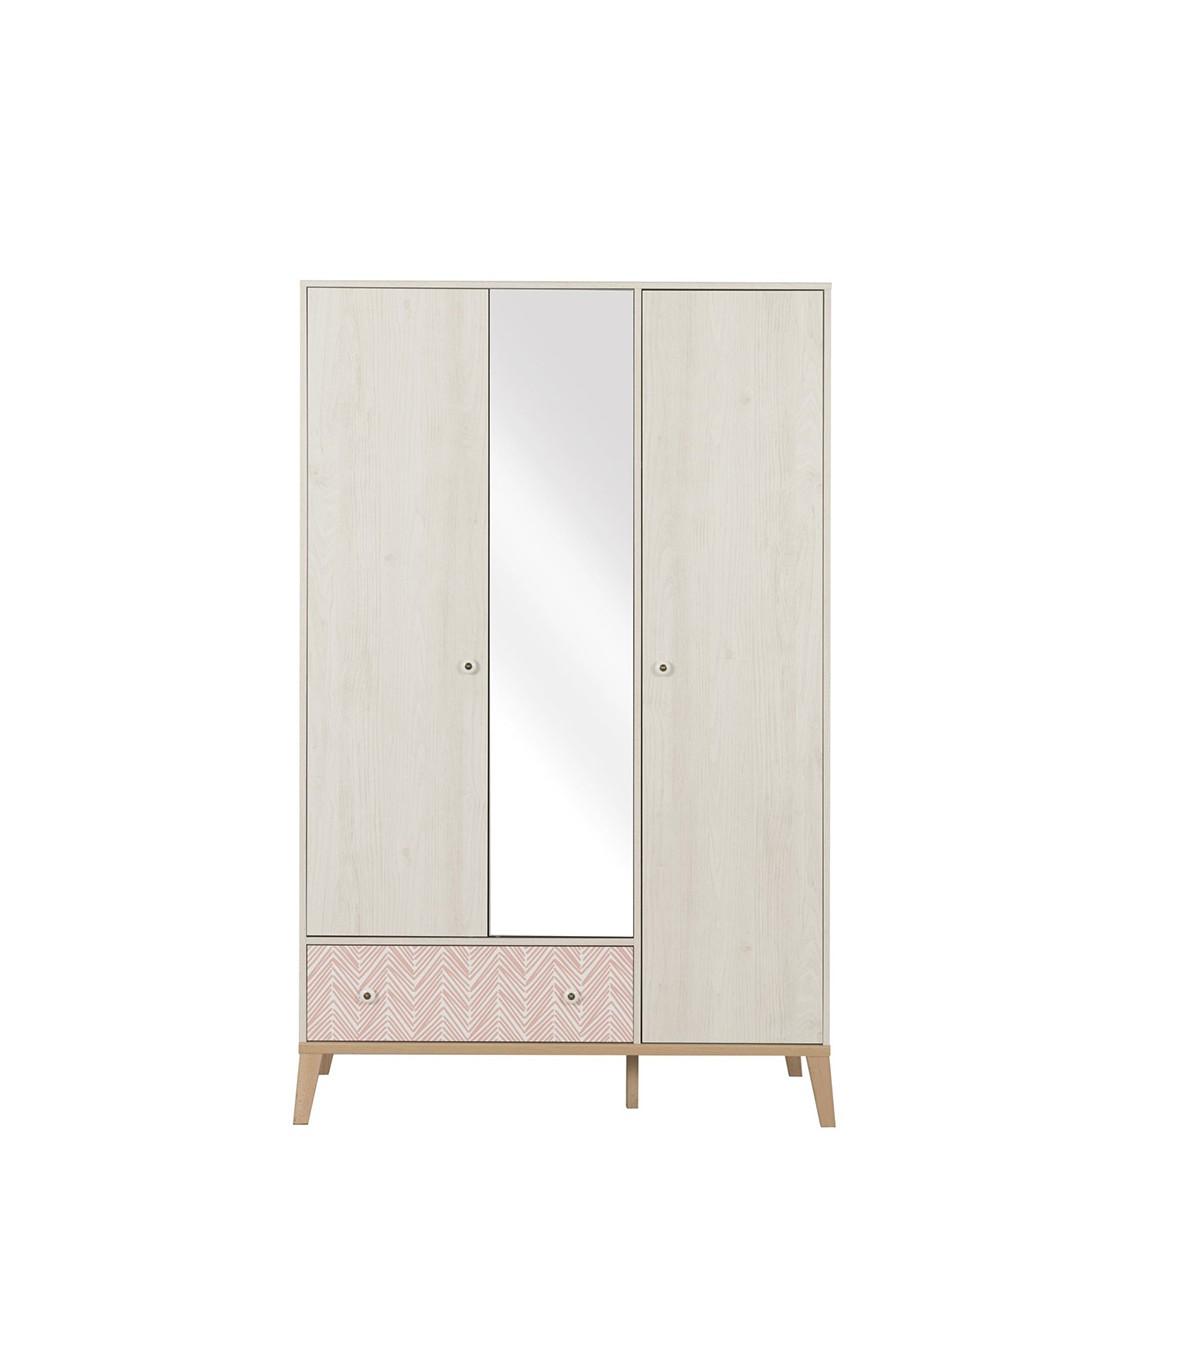 Armoire 3 portes avec miroir et 1 tiroir - Beige